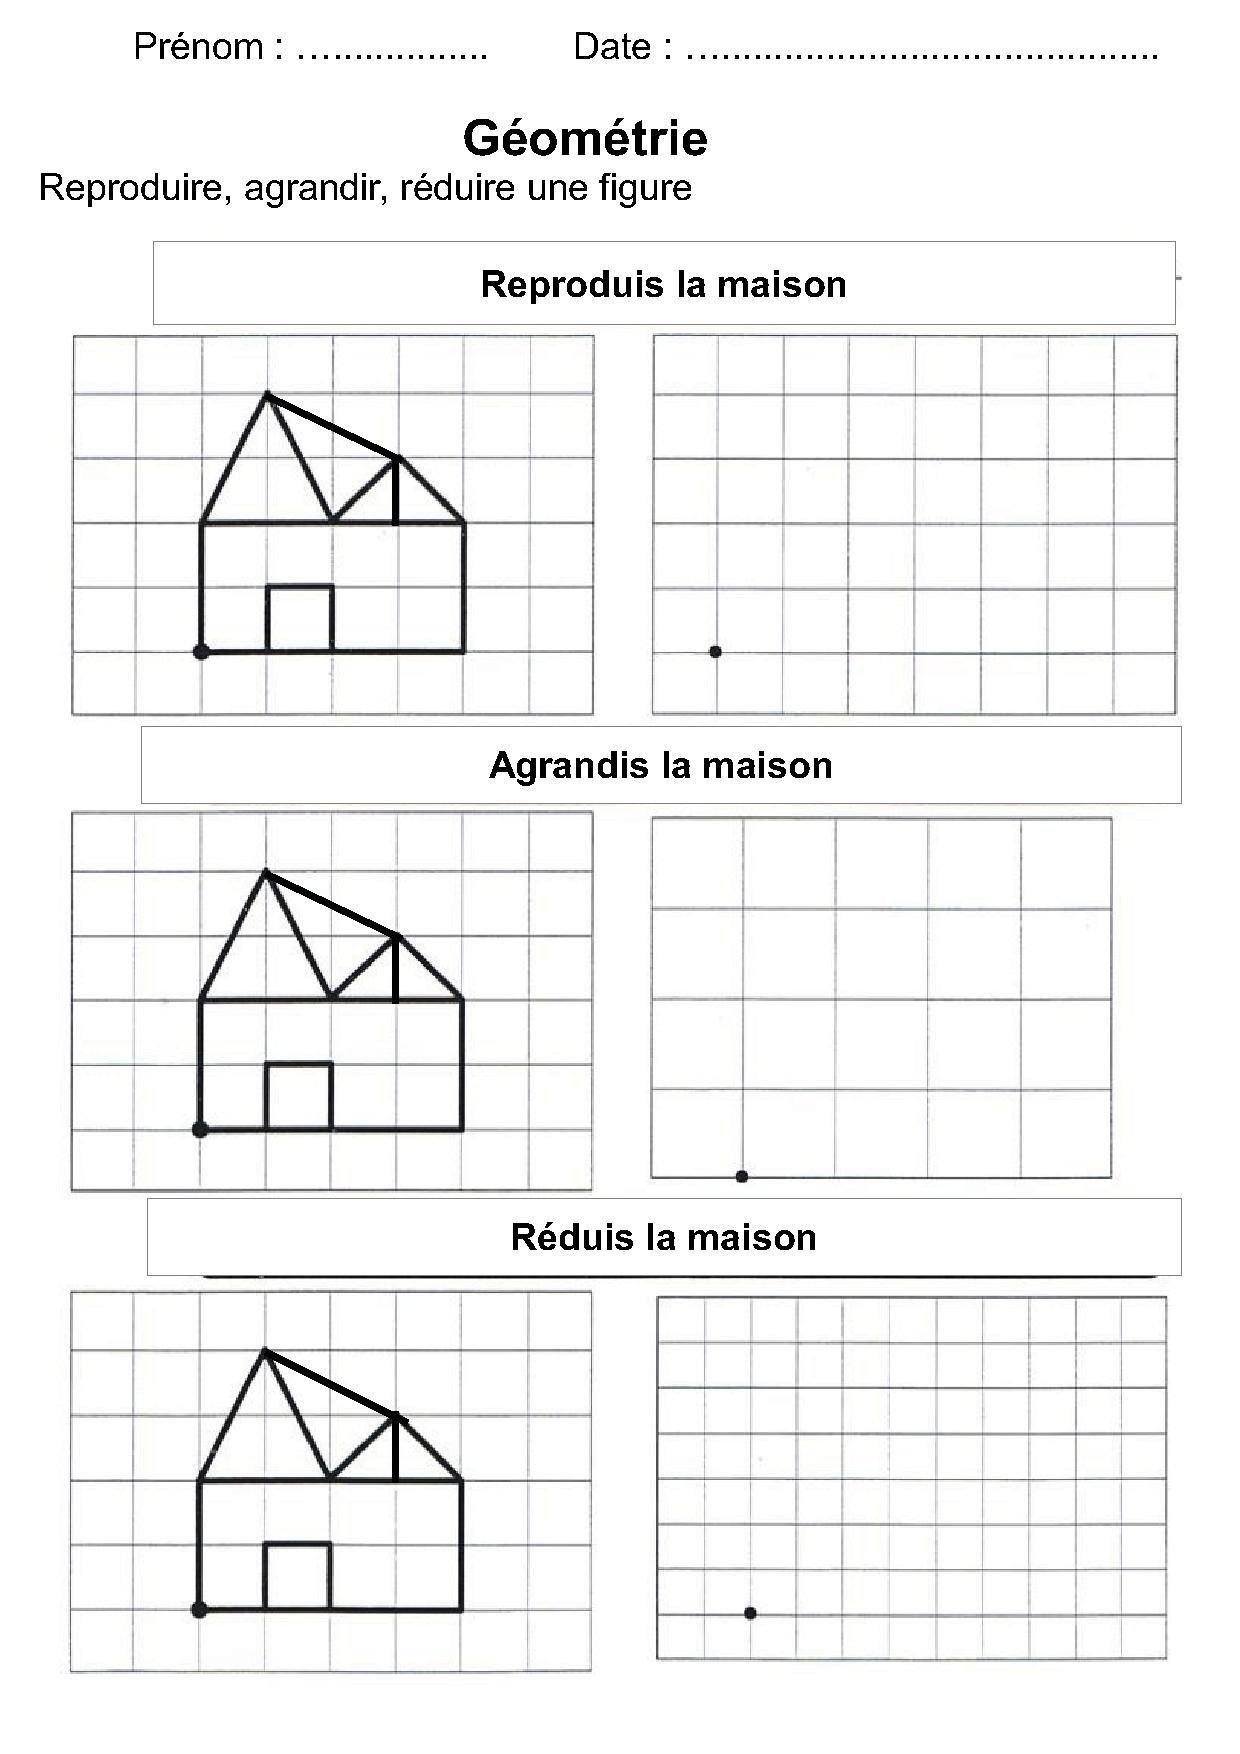 Géométrie Ce1,ce2,la Symétrie,reproduire Une Figure tout Symétrie Cm1 Évaluation